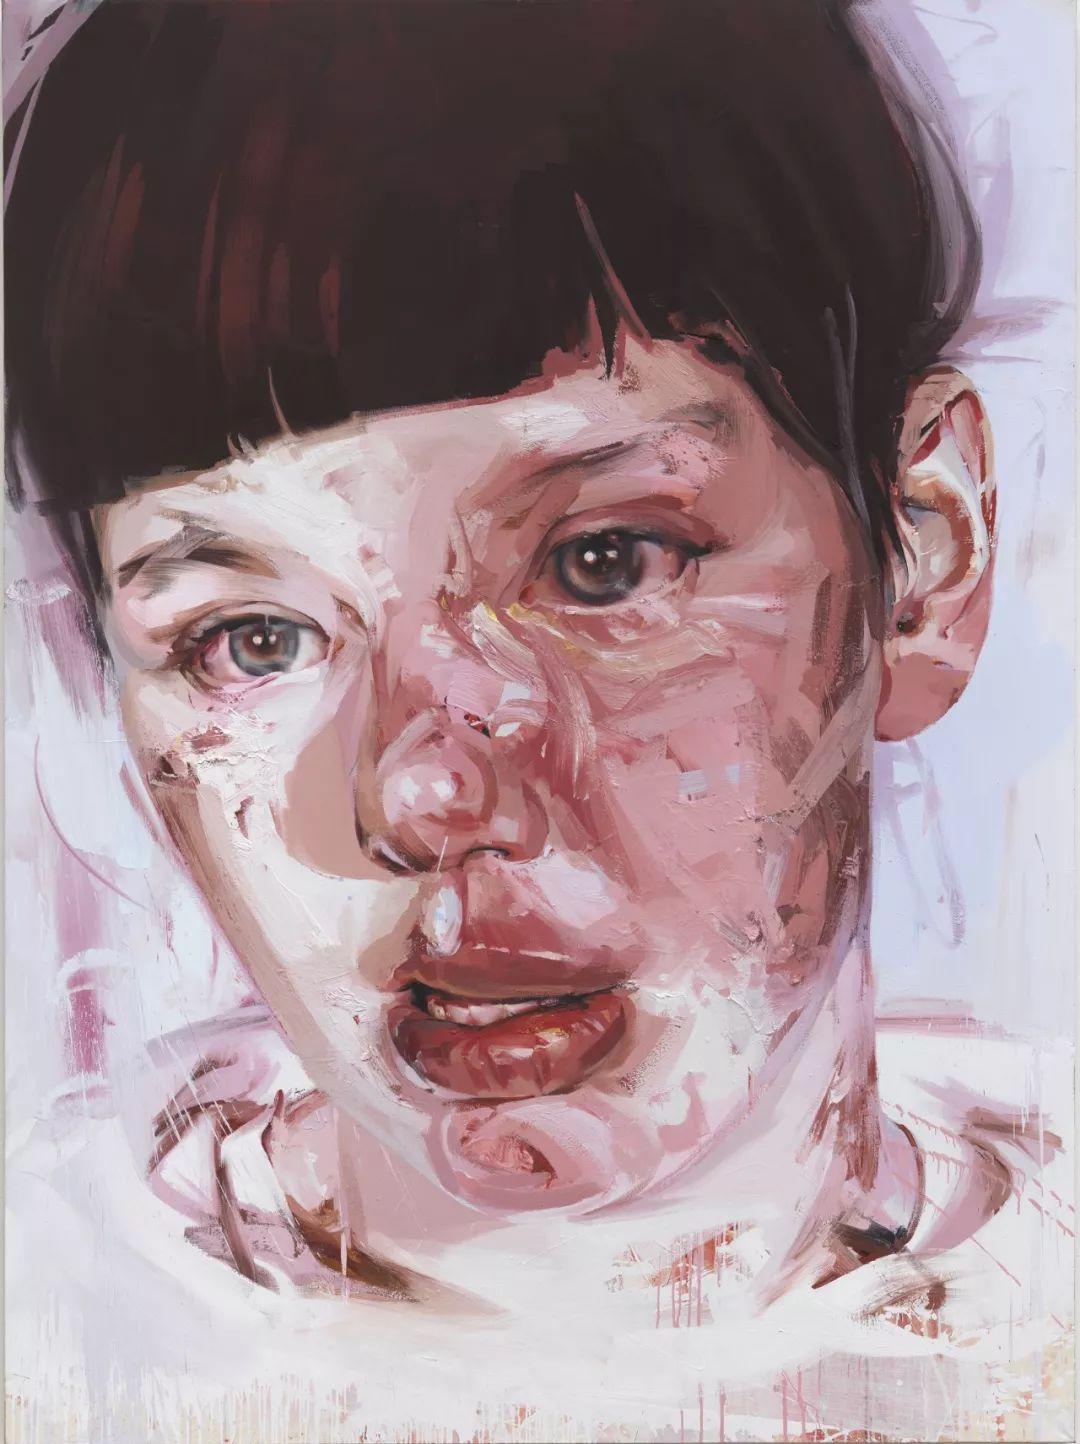 西方绘画中女性总是以柔美丰腴形象出现,但她却…插图55